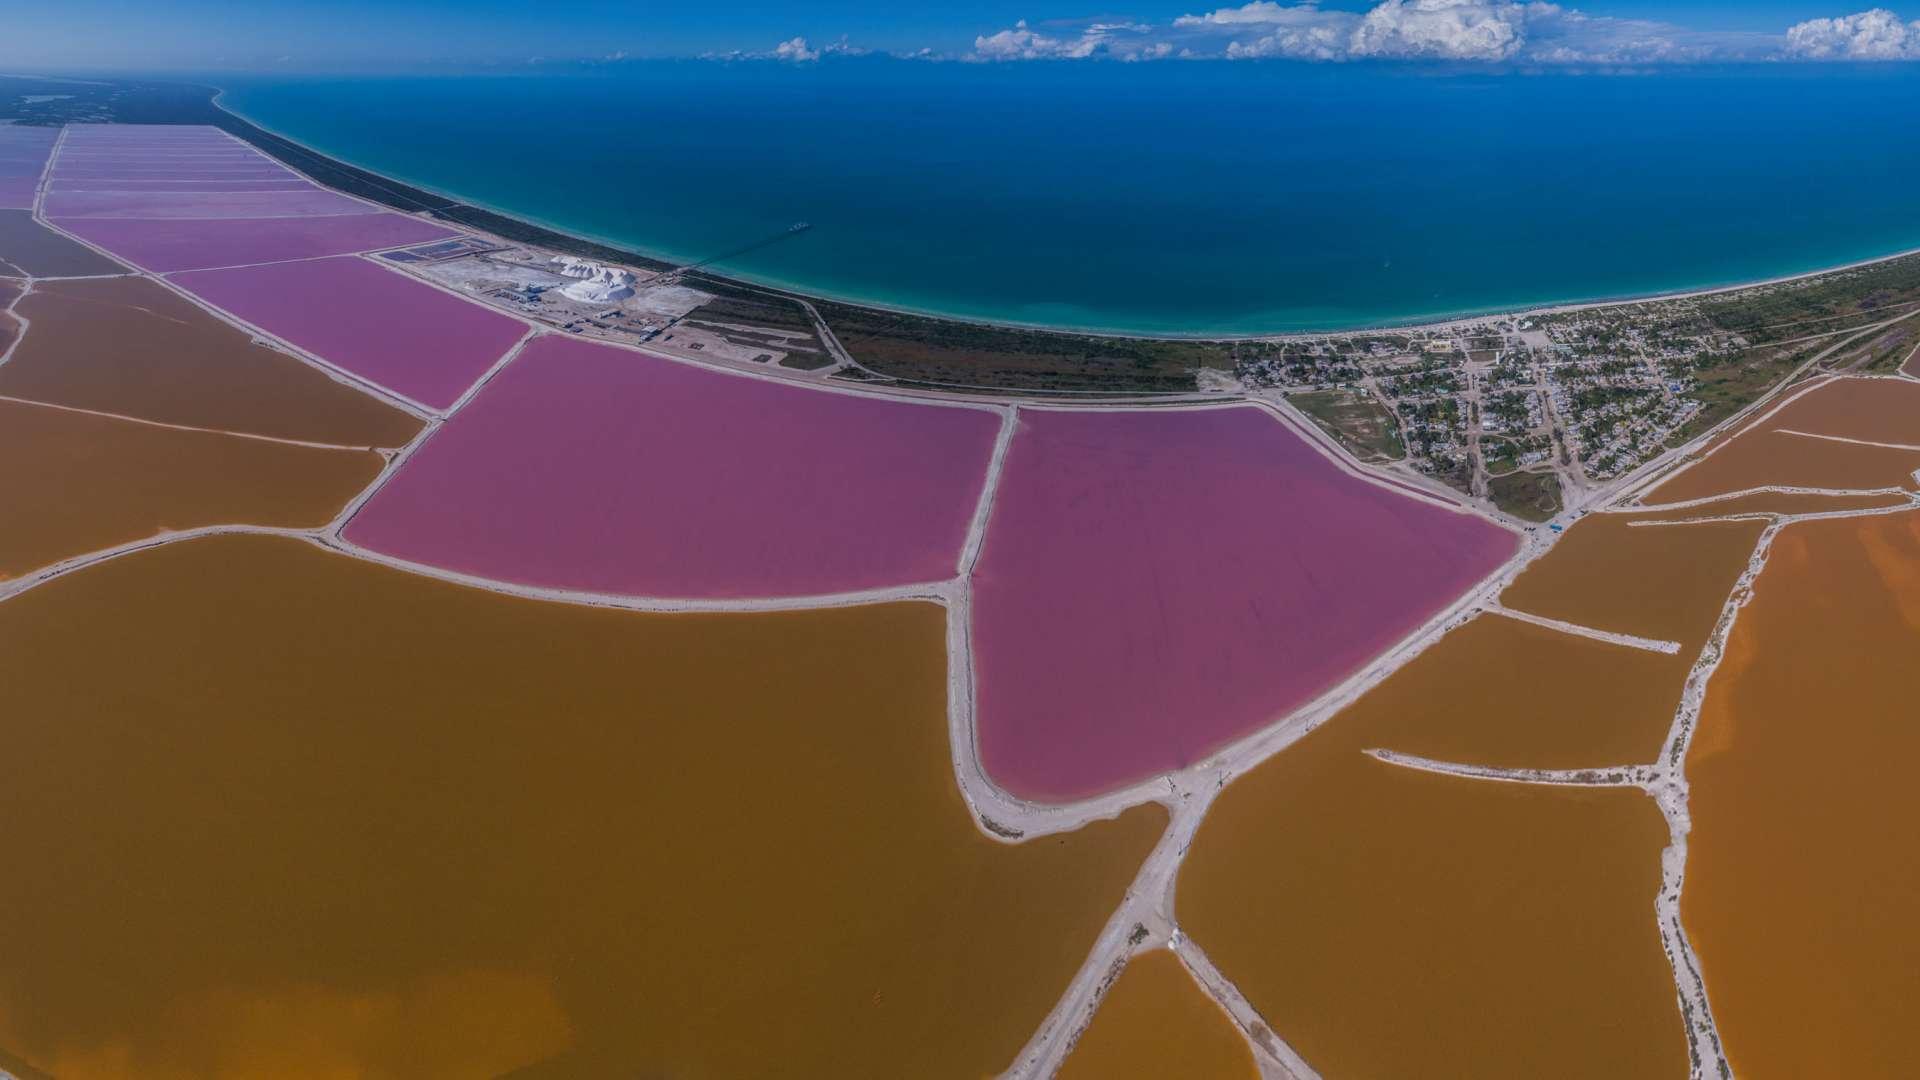 Pink lagoons Las Coloradas Yucatan Mexico Aerial View by drone Enrico Pescantini 6